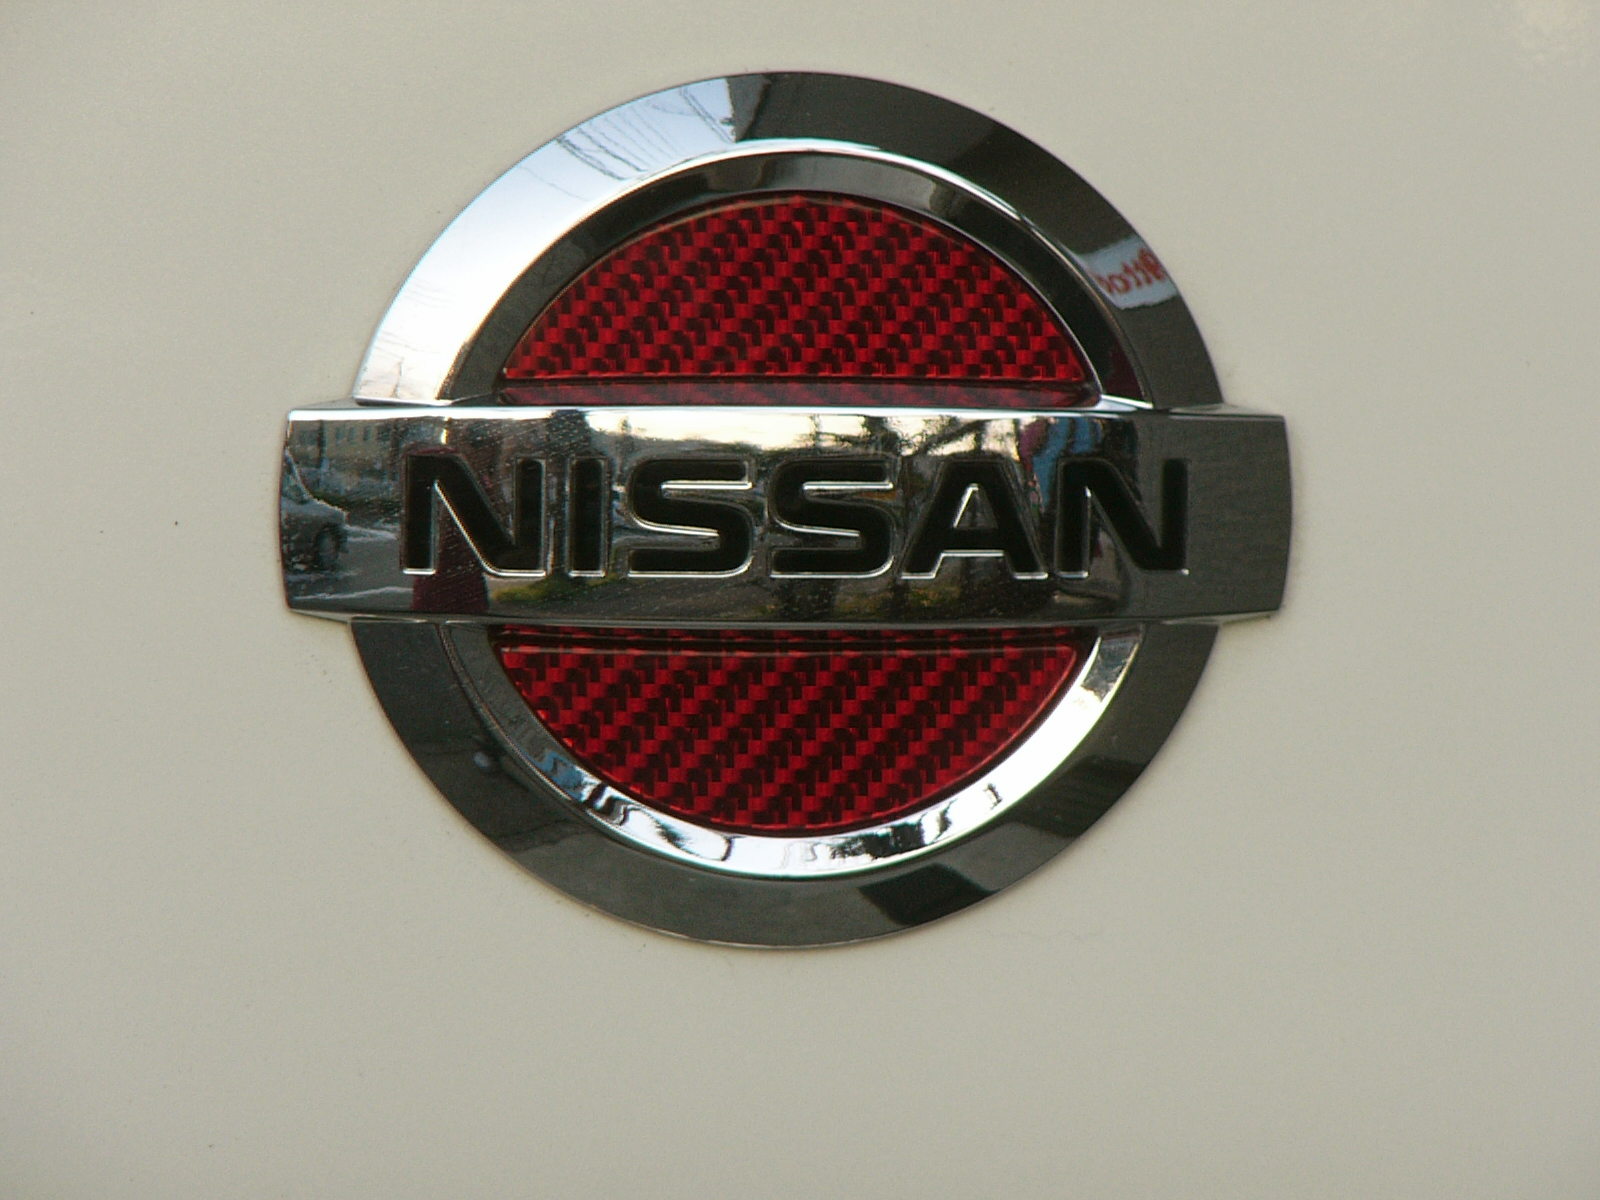 NISSAN セレナ・キャラバン専用リヤエンブレムシルバーカーボン「レッドVer」フィニッシャー